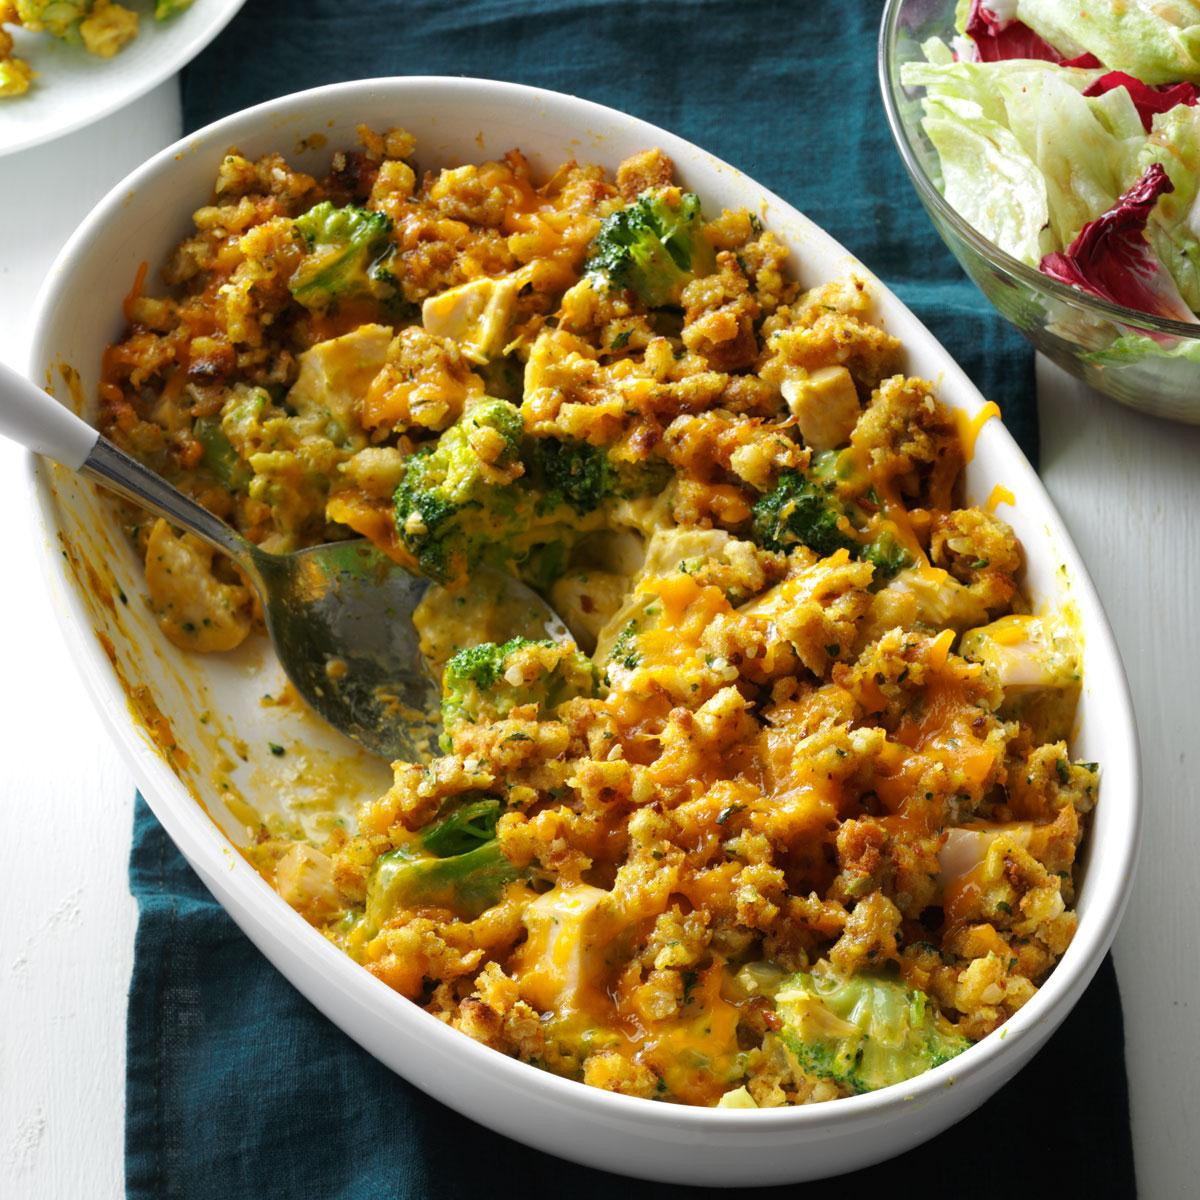 Chicken Broccoli Casserole  Contest Winning Broccoli Chicken Casserole Recipe